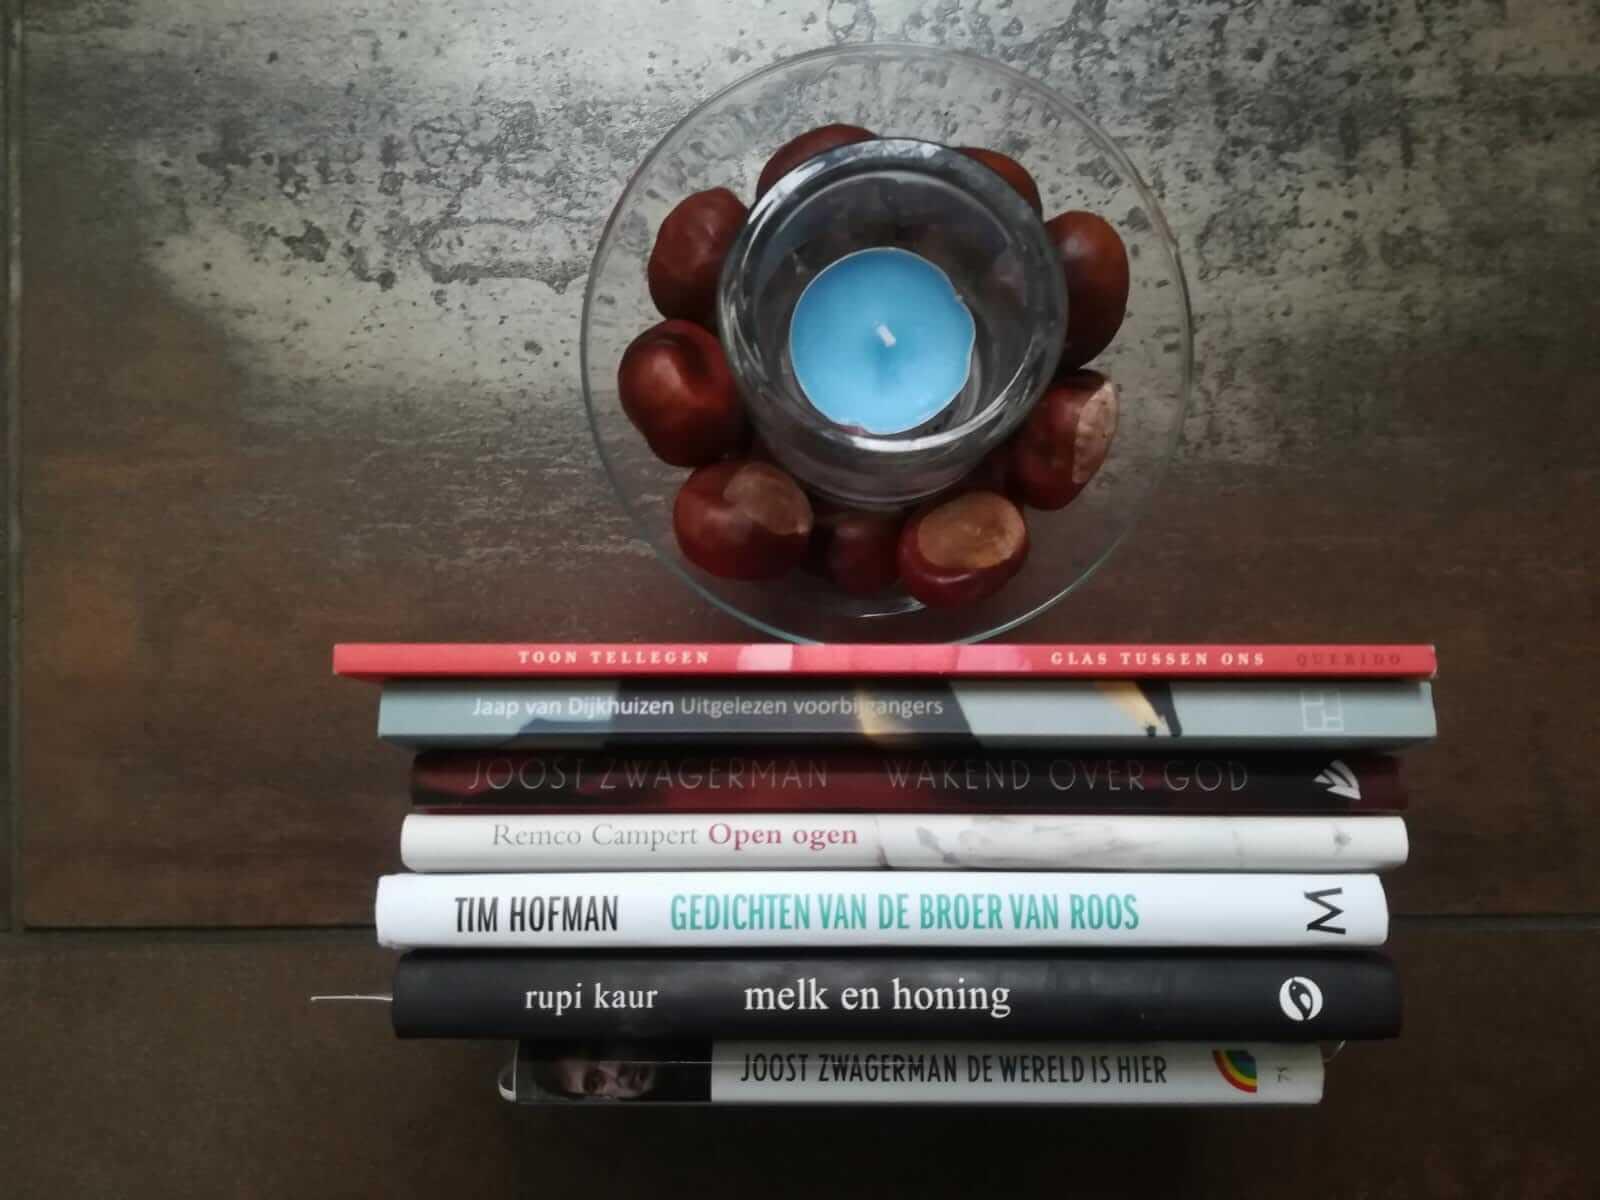 7 gedichtenbundels die ik kocht in 2018 | Leuke Lijstjes